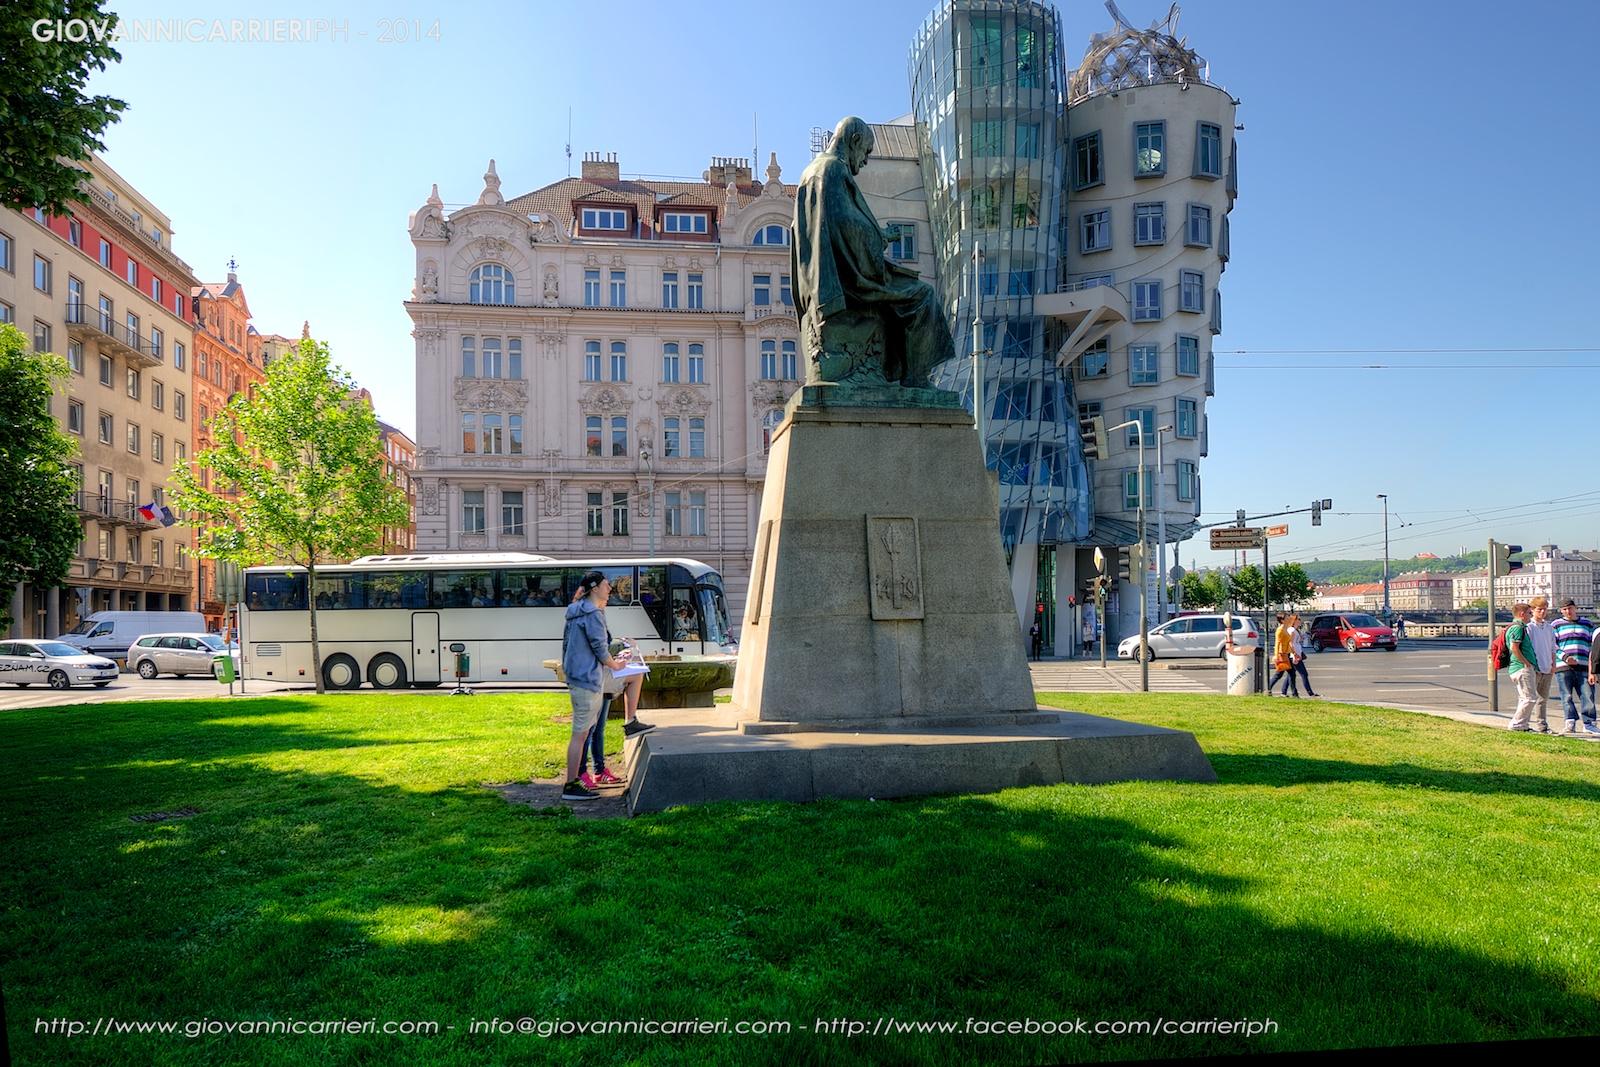 Il palazzo costruito da Vlado Milunic con Frank Gehry  - Praga